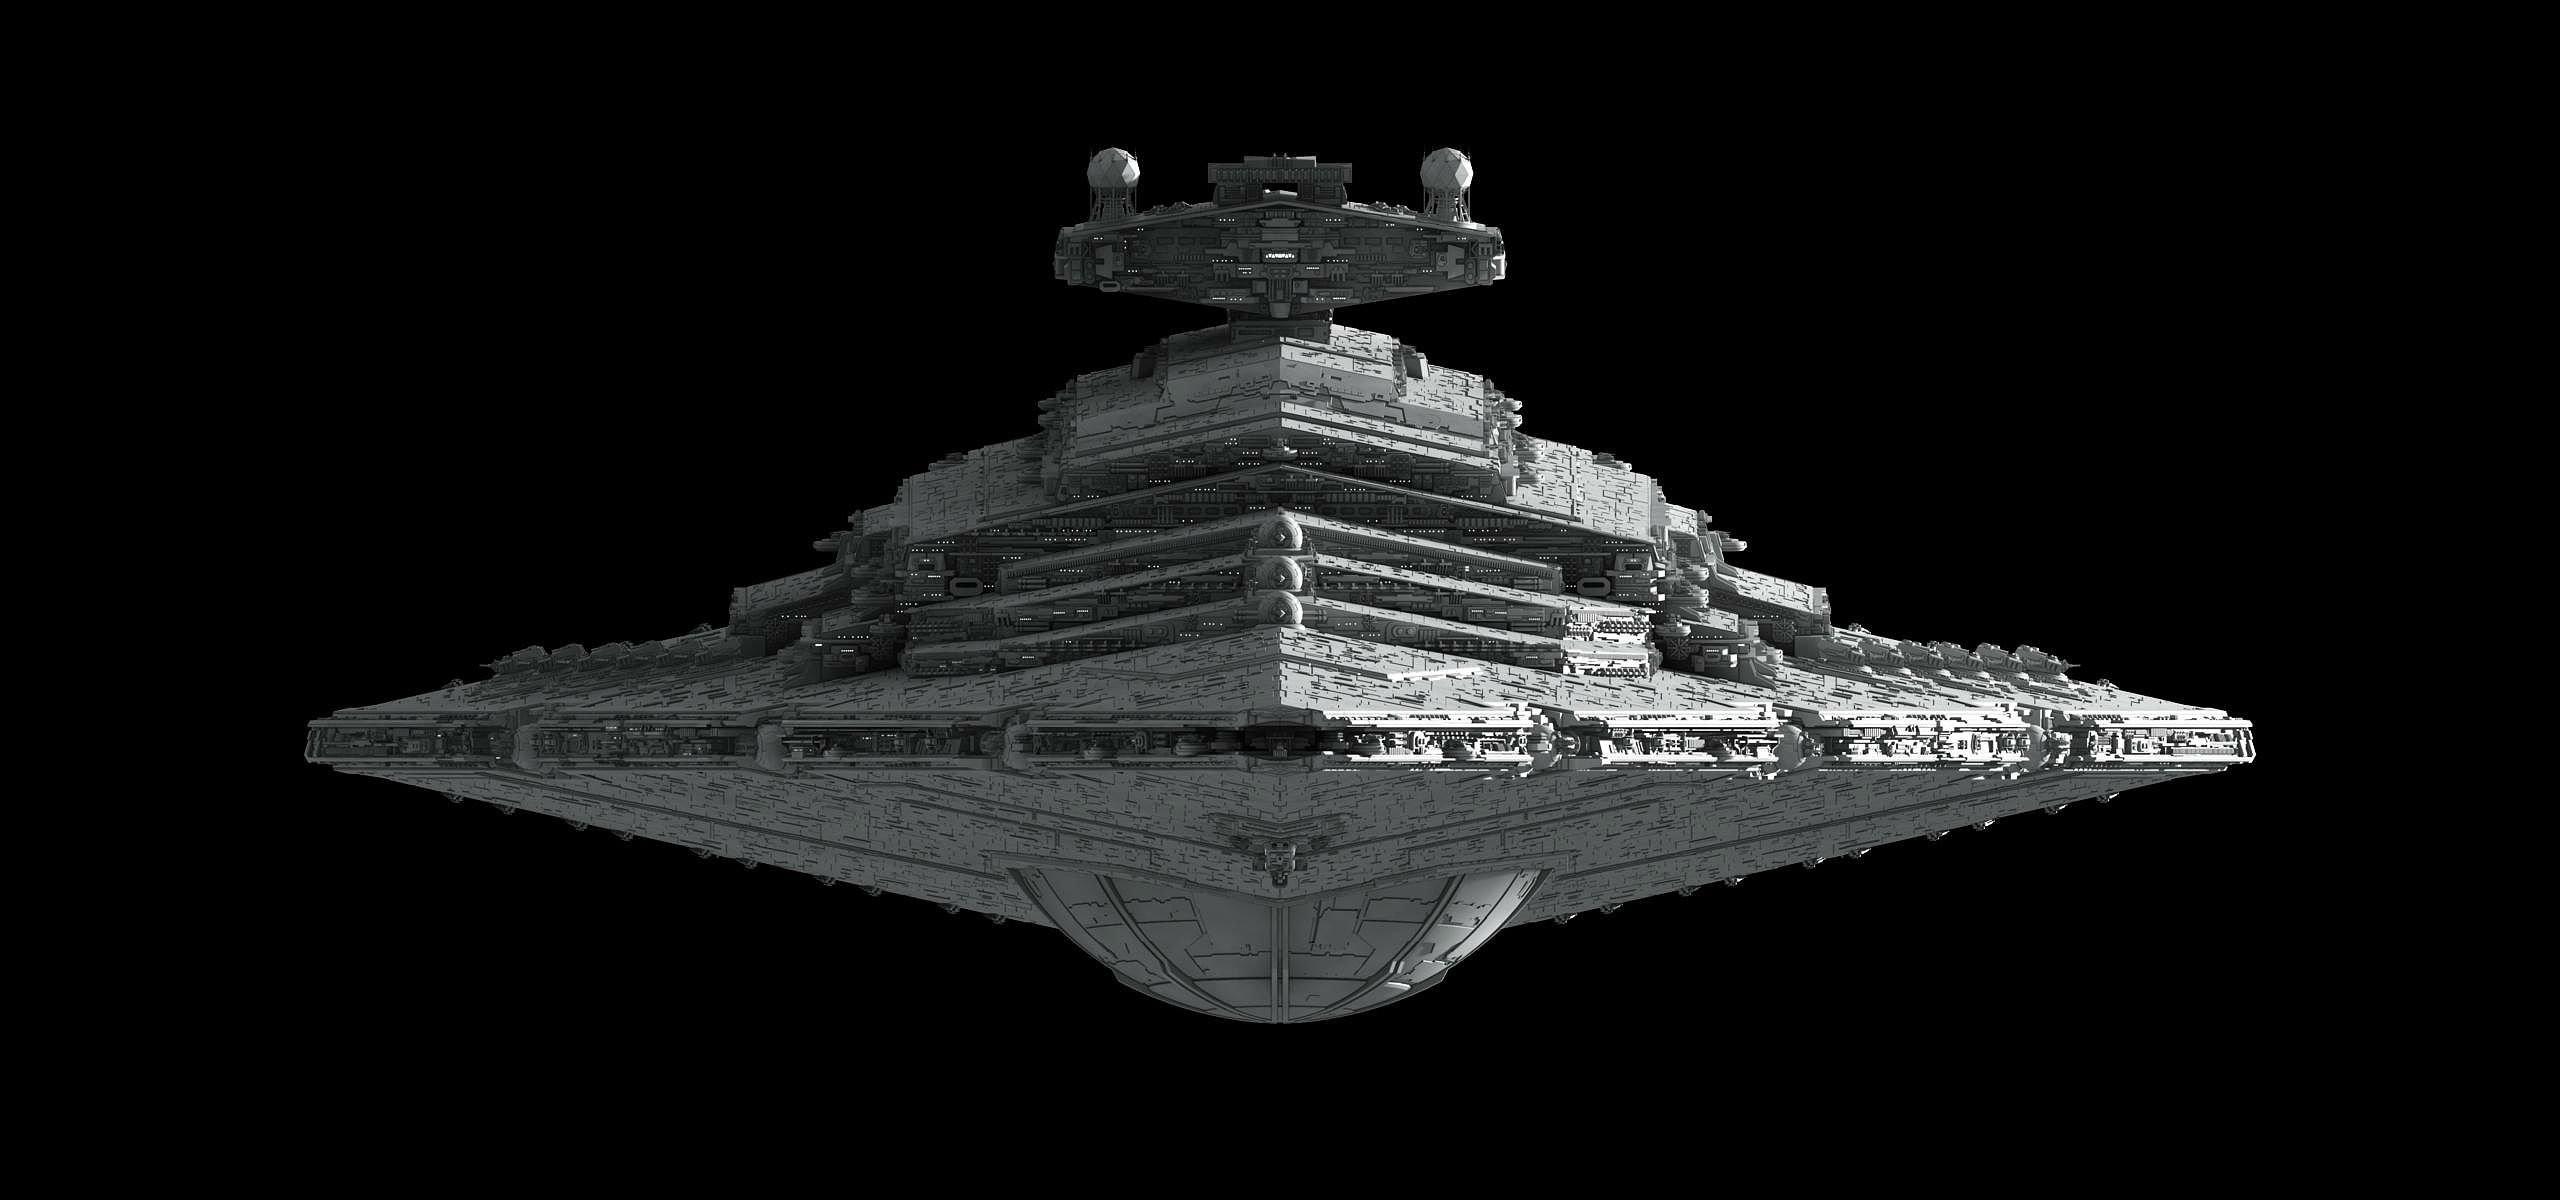 Star Destroyer star wars spaceship sci-fi space wallpaper      633033   WallpaperUP